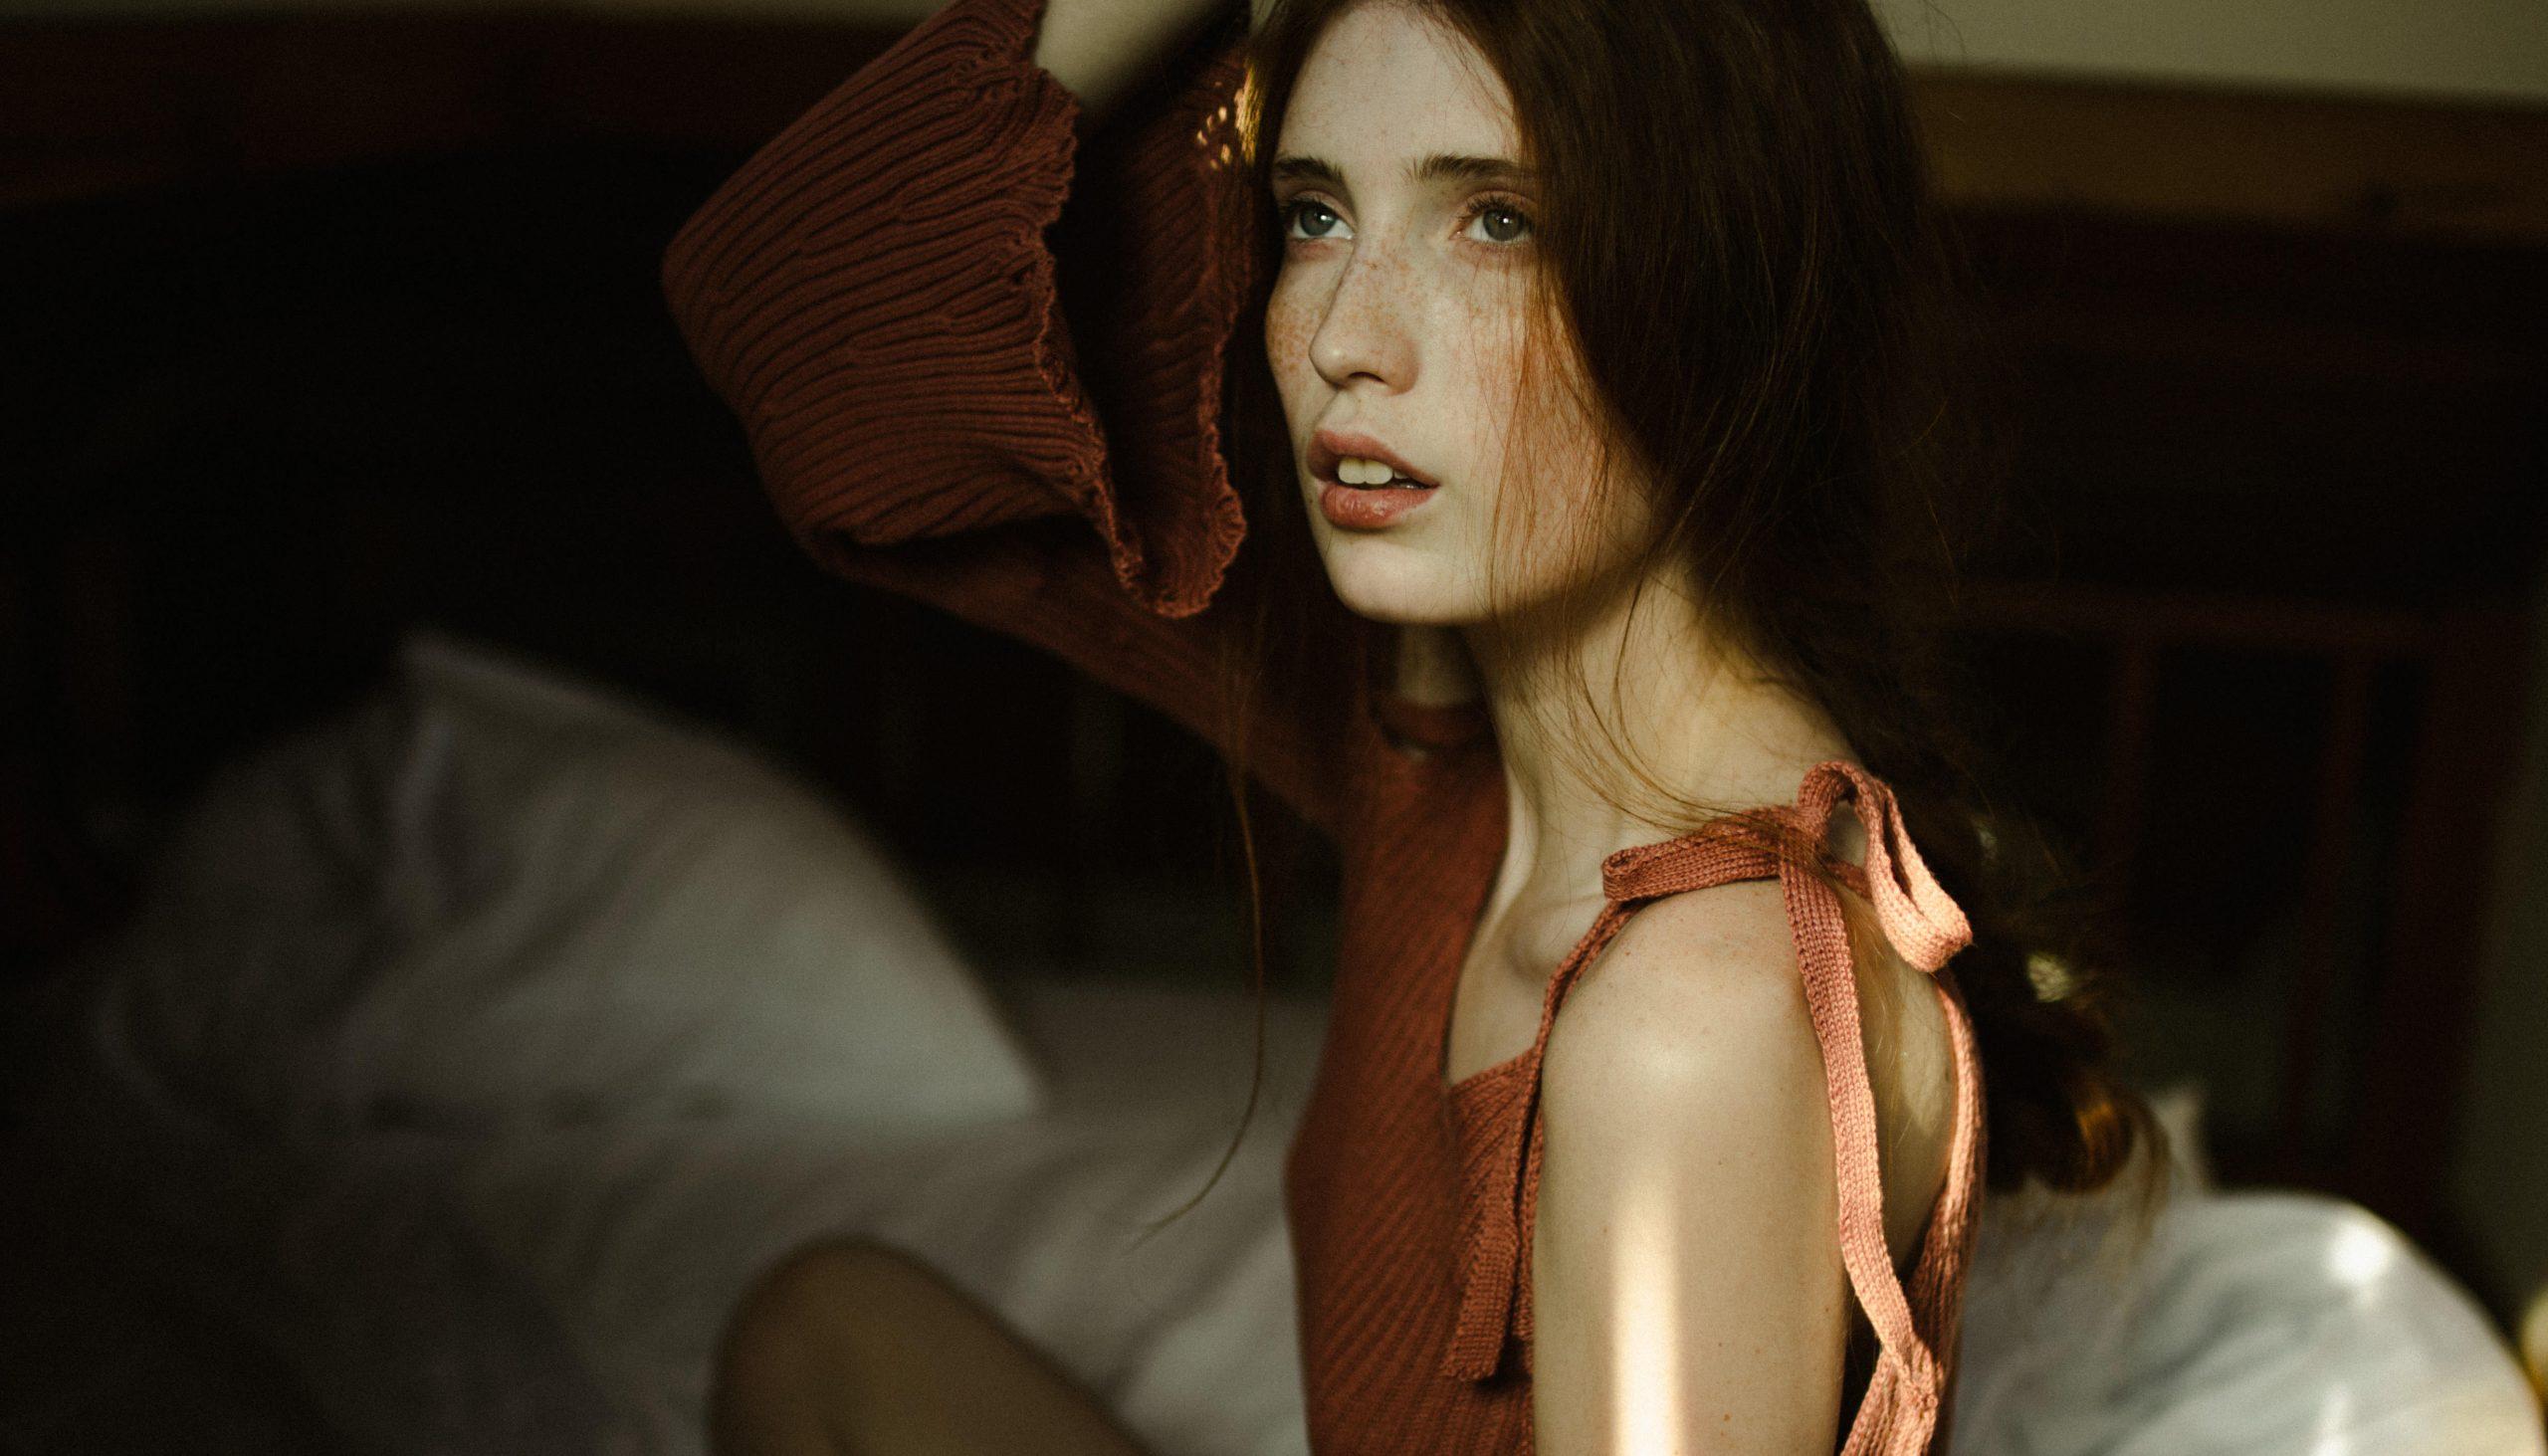 Lookslikefilm - Elemental Presets